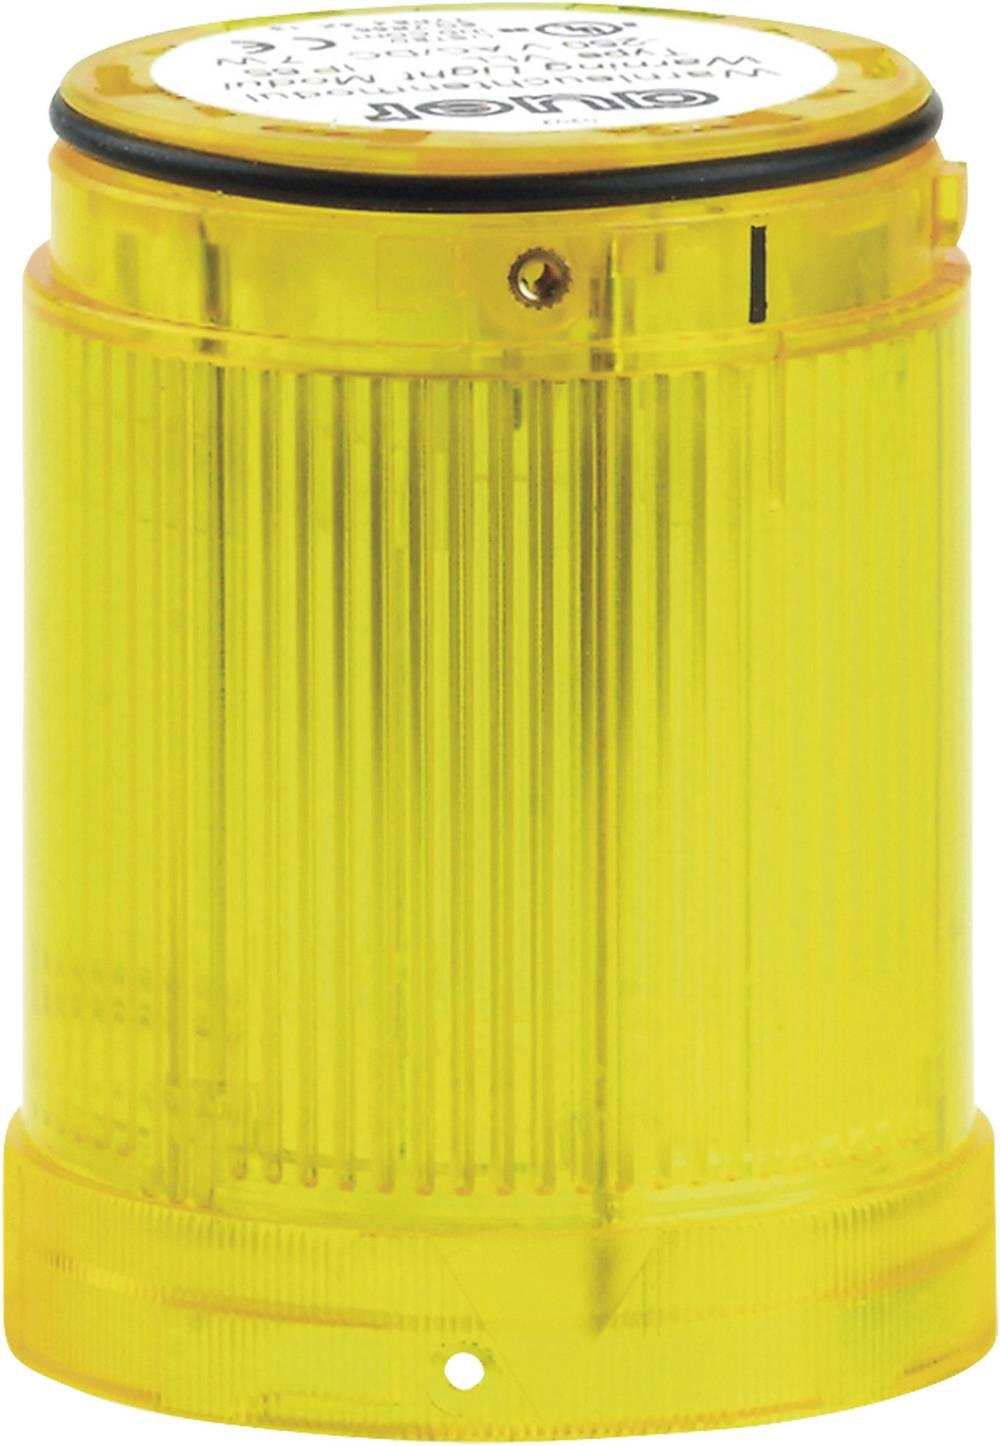 Signalni svetlobni modul LED Auer Signalgeräte VFF rumena bliskavica 230 V/AC